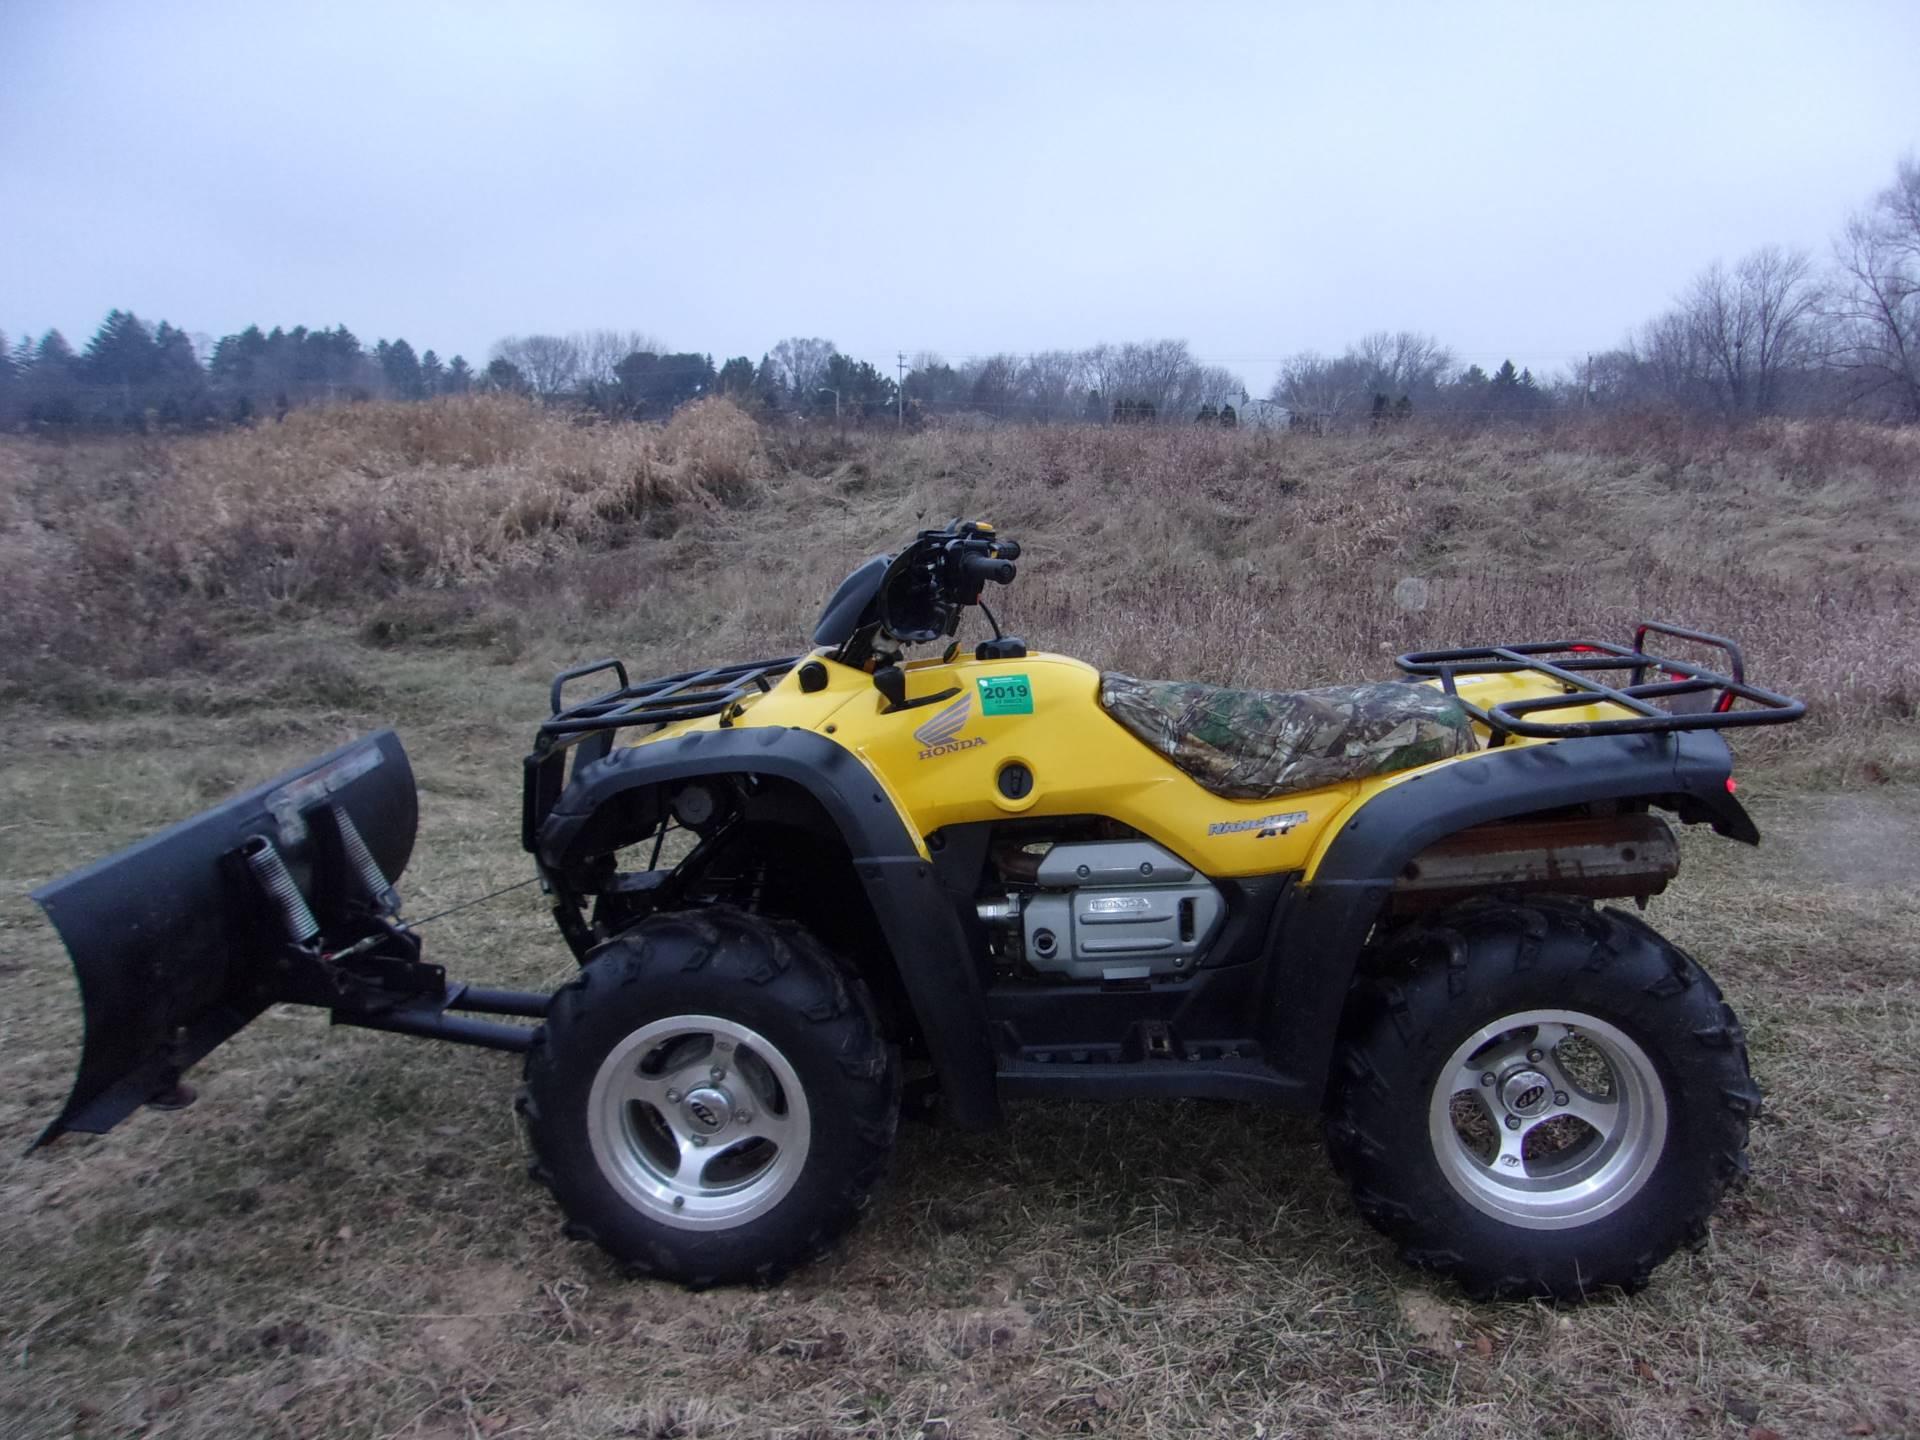 2005 Honda FourTrax Rancher AT 4